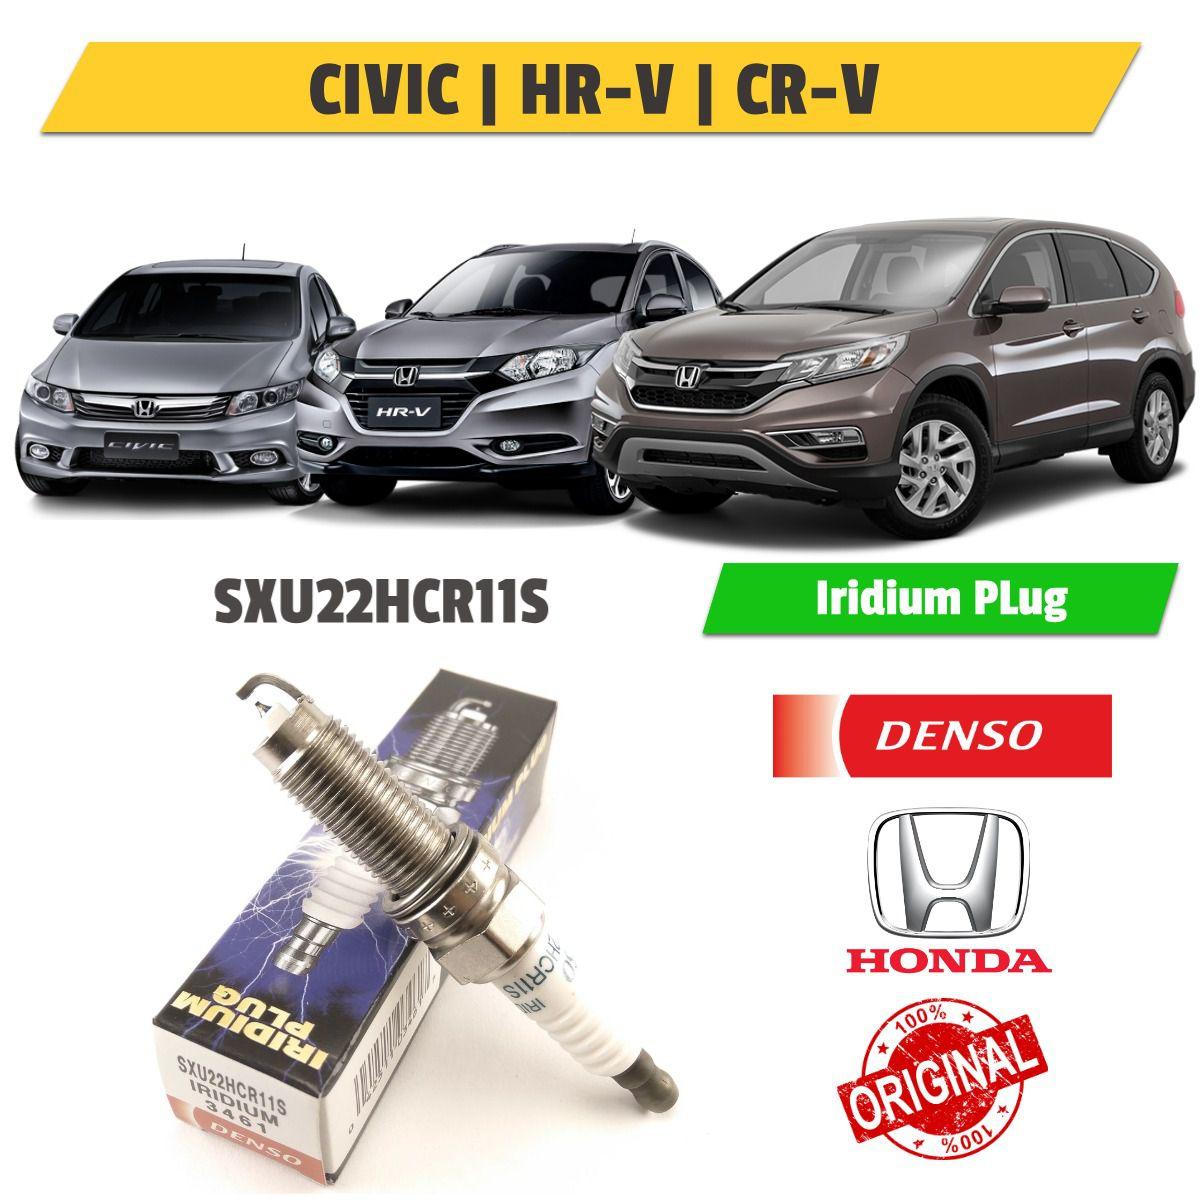 Vela Ignição Iridium Honda Civic, hr-v e Cr-v sxu22hcr11s - Denso